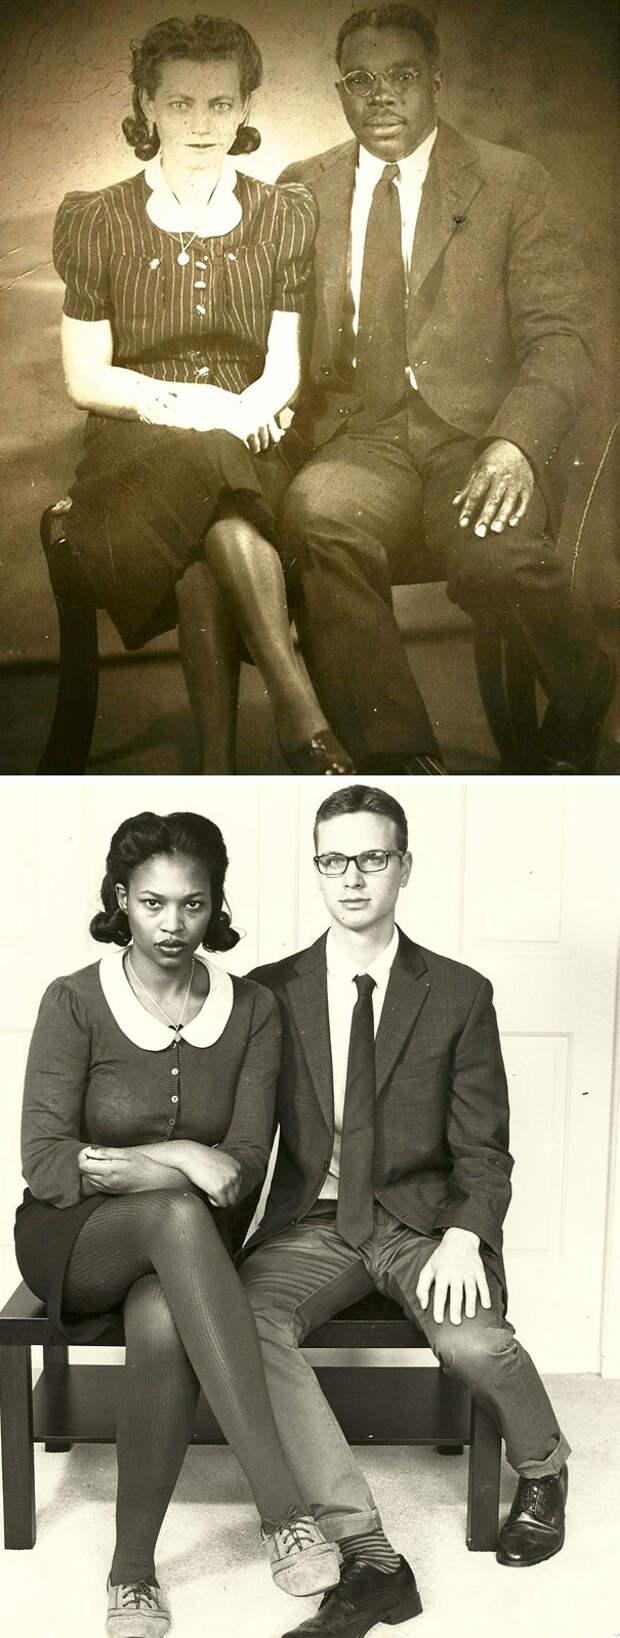 Потрясающее сходство: люди воссоздают фотоснимки своих бабушек и дедушек